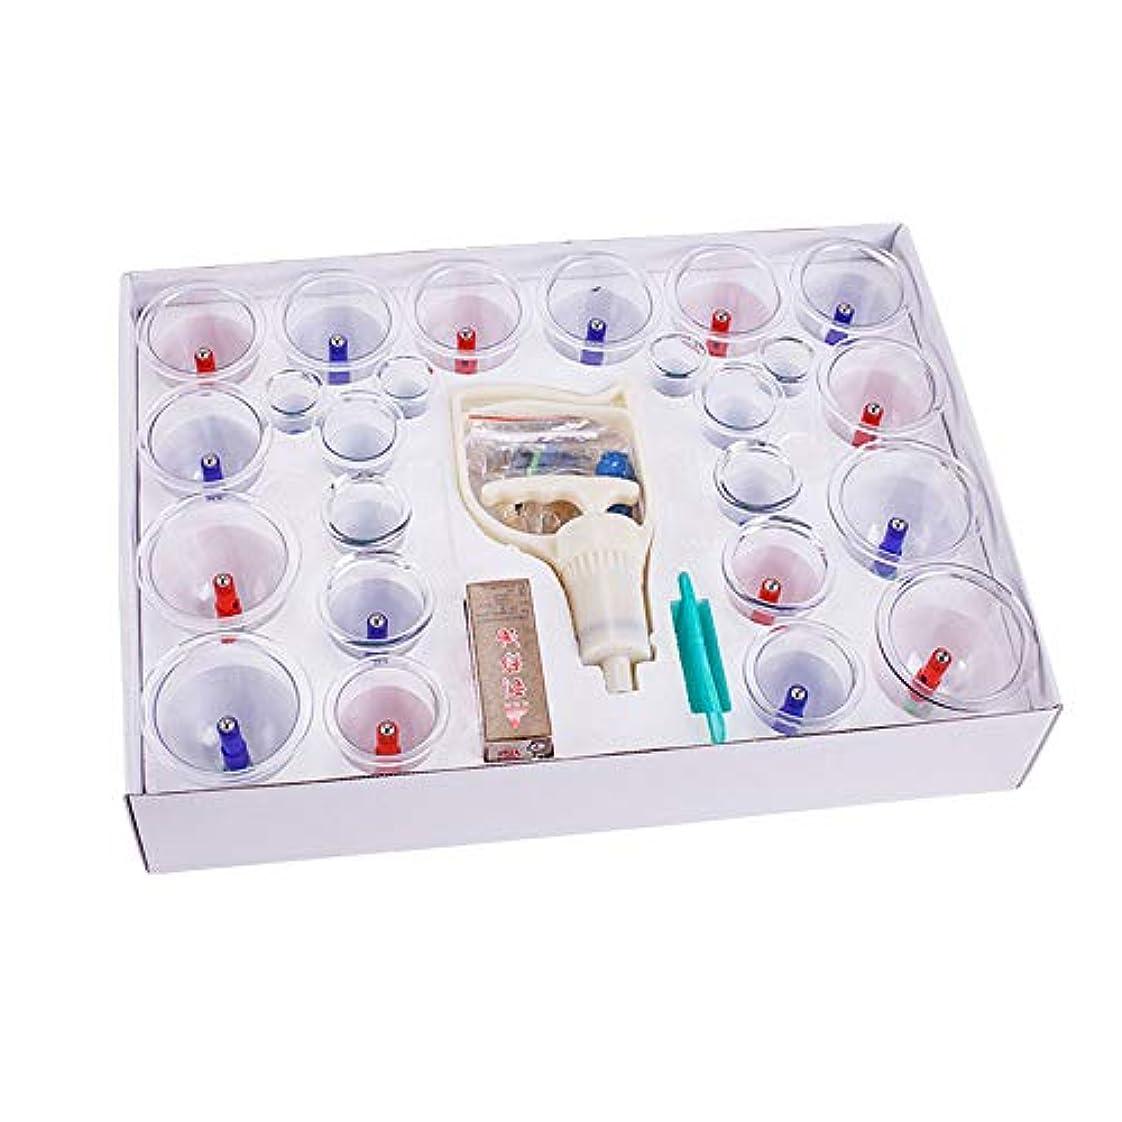 拮抗する抜け目がない怖がらせるカッピング装置 - 専門のカッピング治療装置24カップは、大人と高齢者に適したポンプと伸展チューブで設定 美しさ